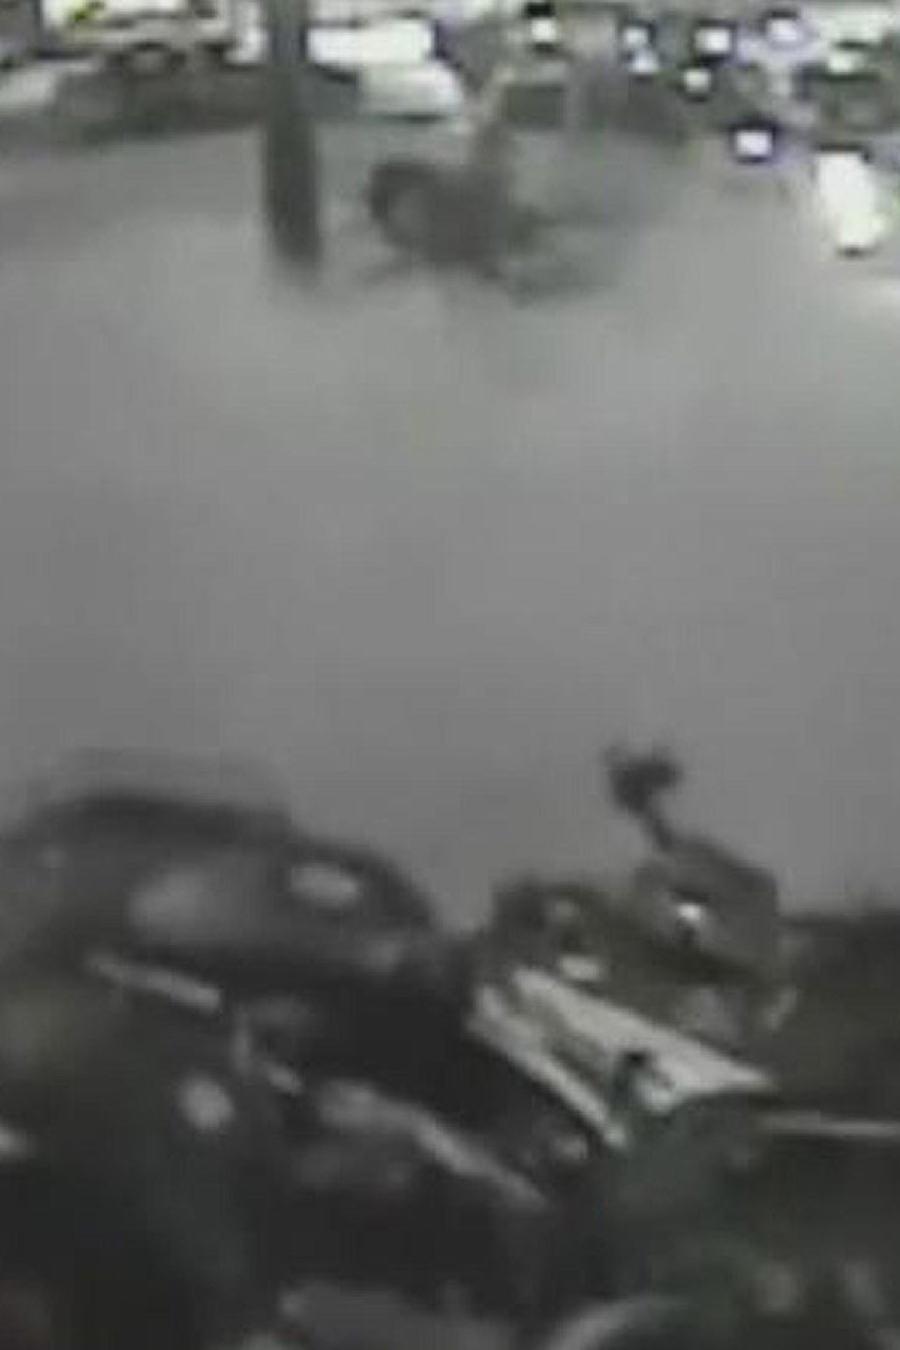 moto fuera de control siembra el panico